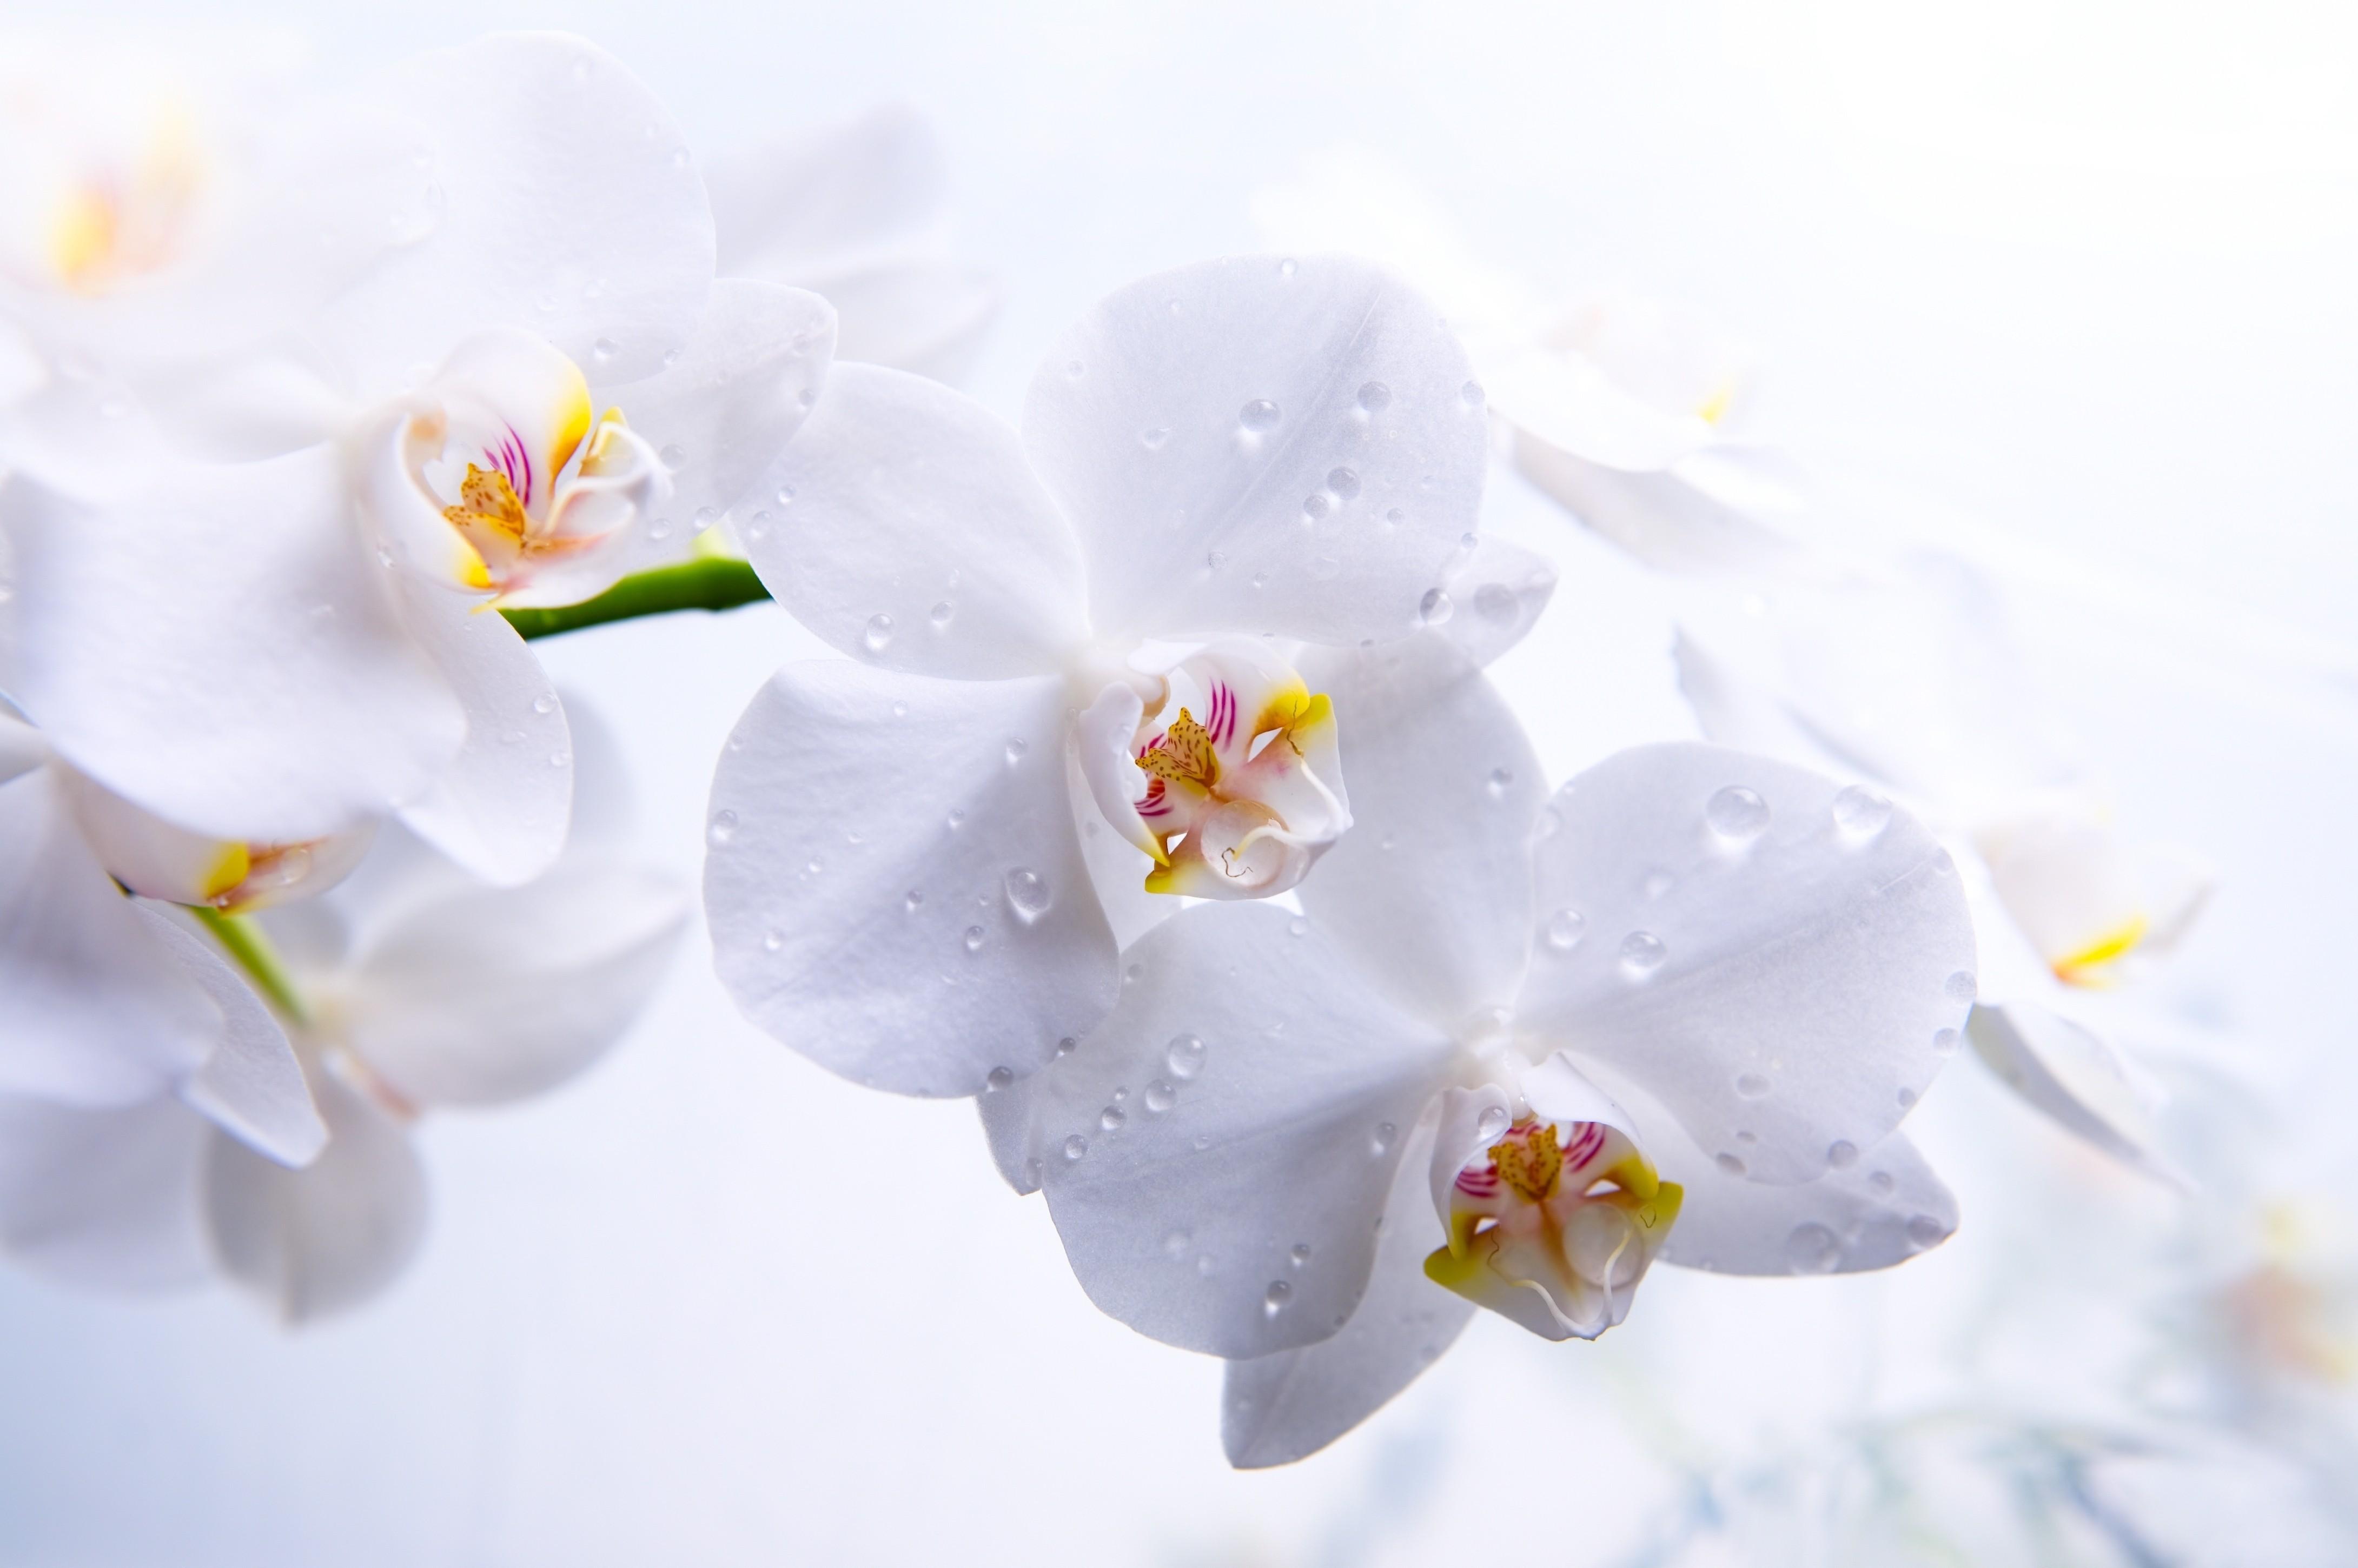 Flower - HD1920×1080